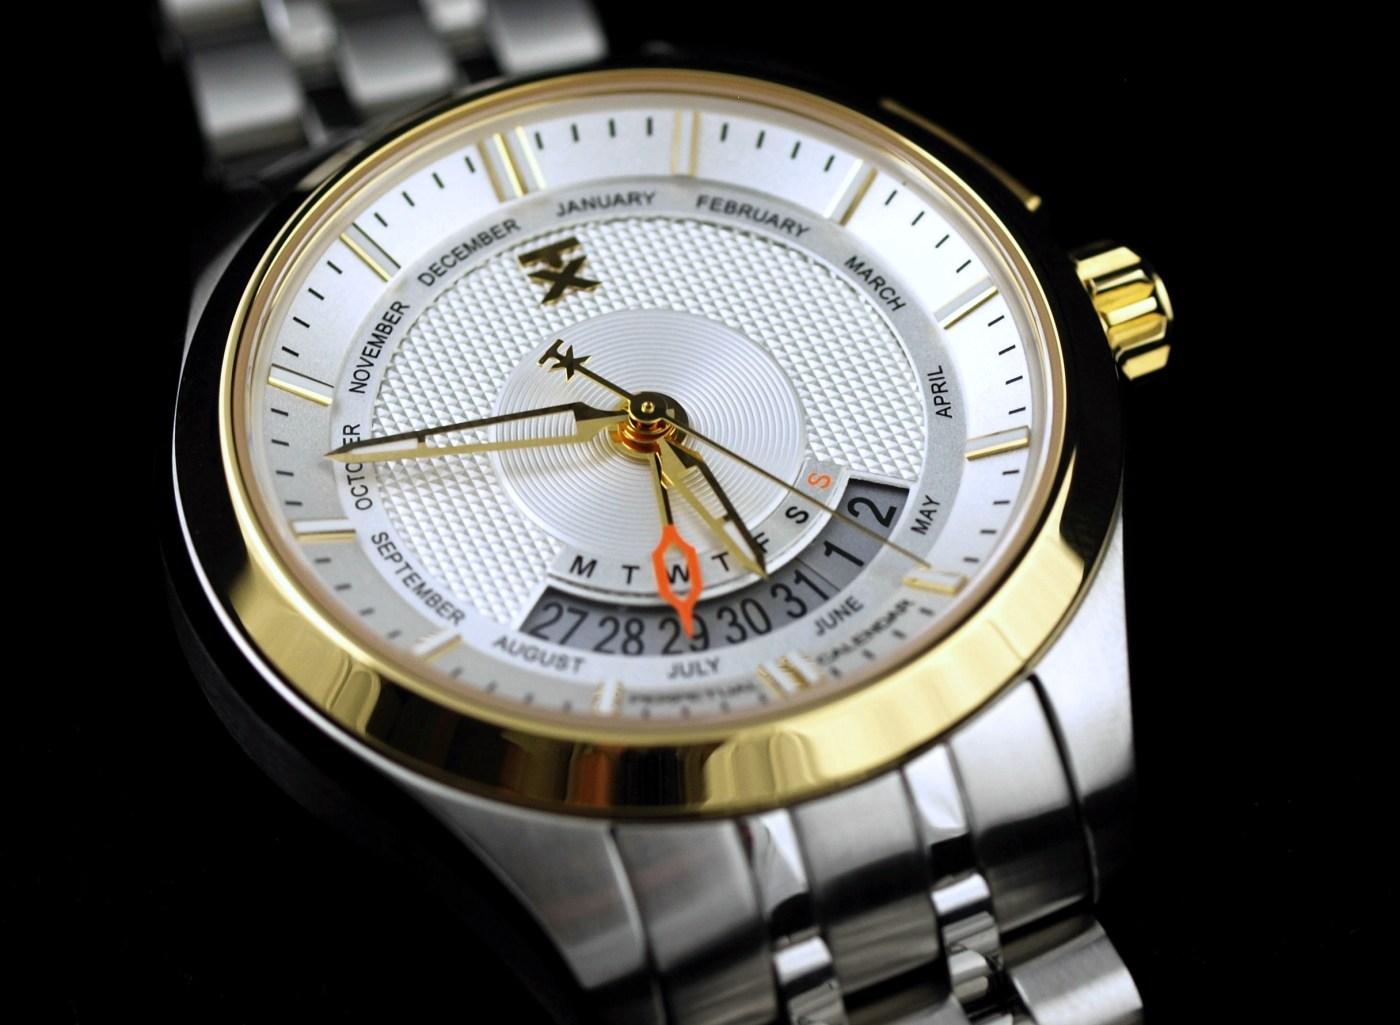 TX 400 Series Watch Perpetual Weekly Calendar